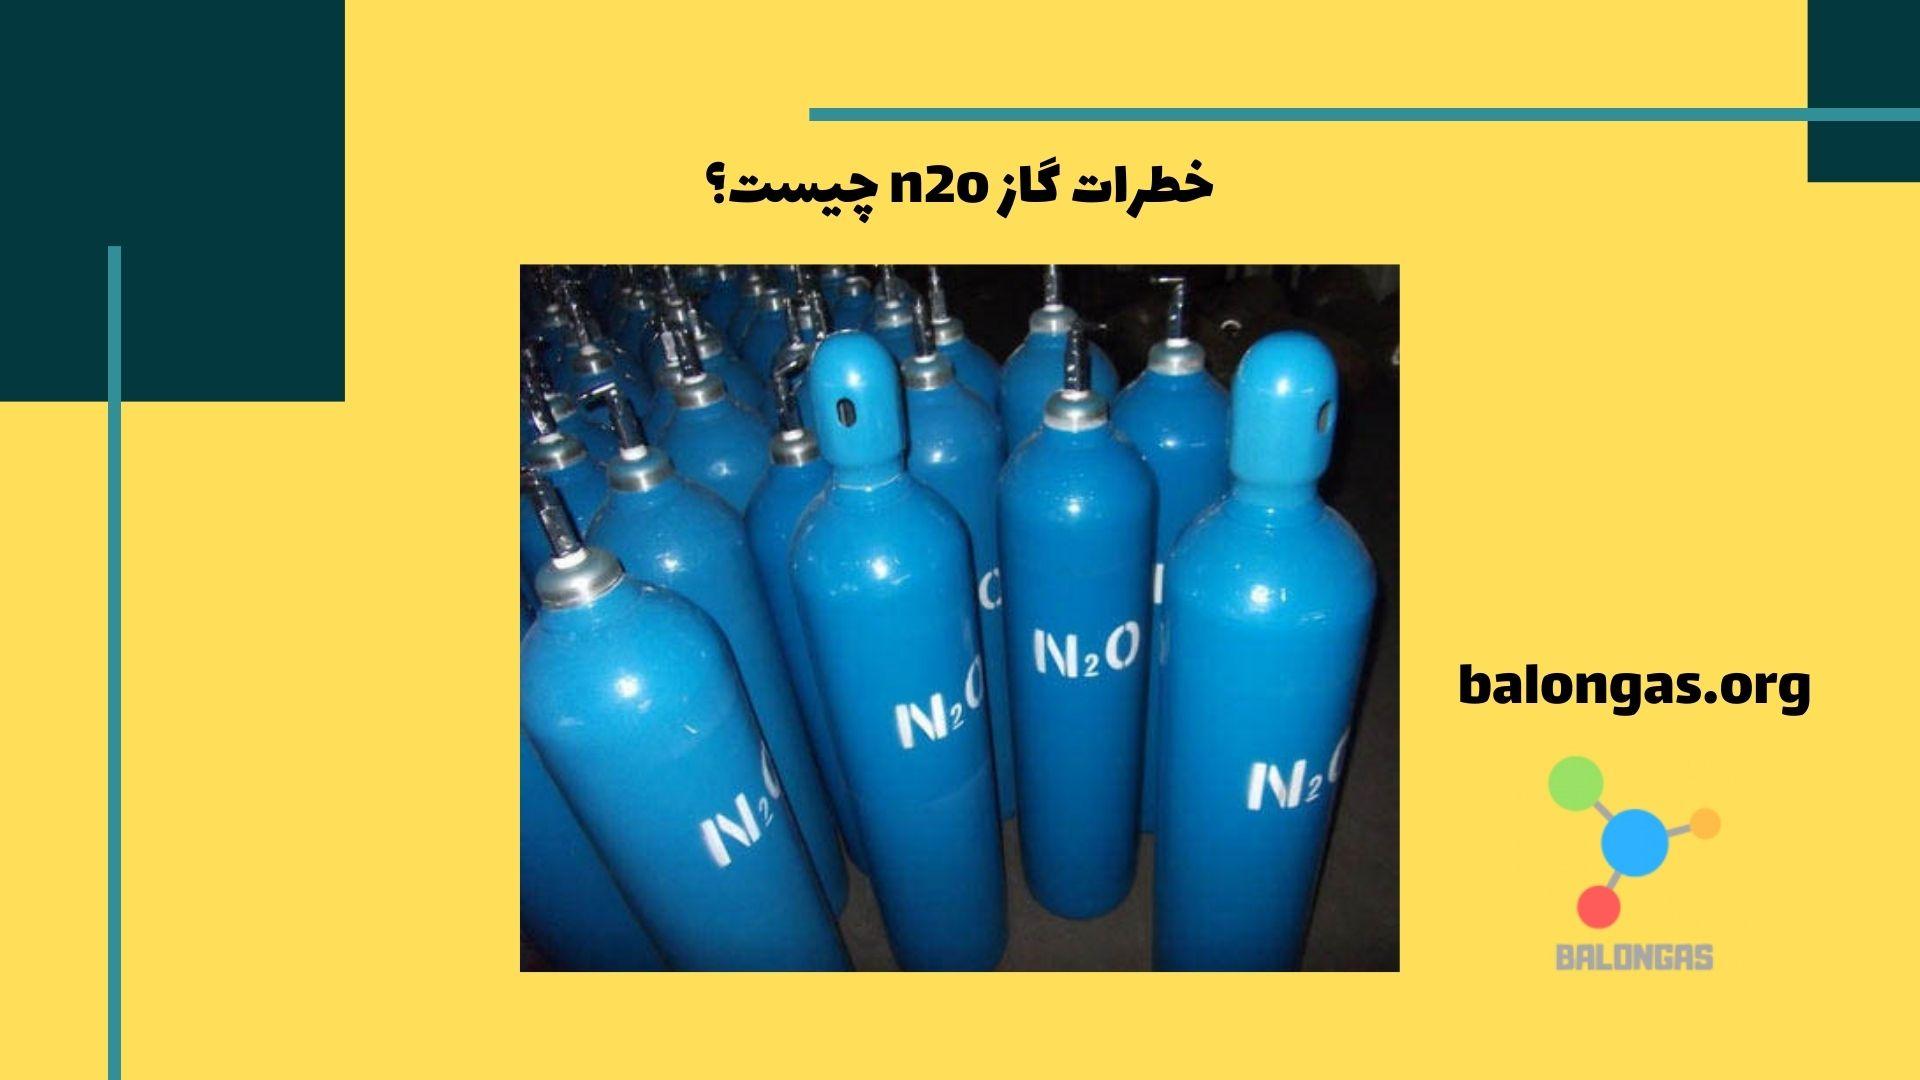 خطرات گاز n2o چیست؟